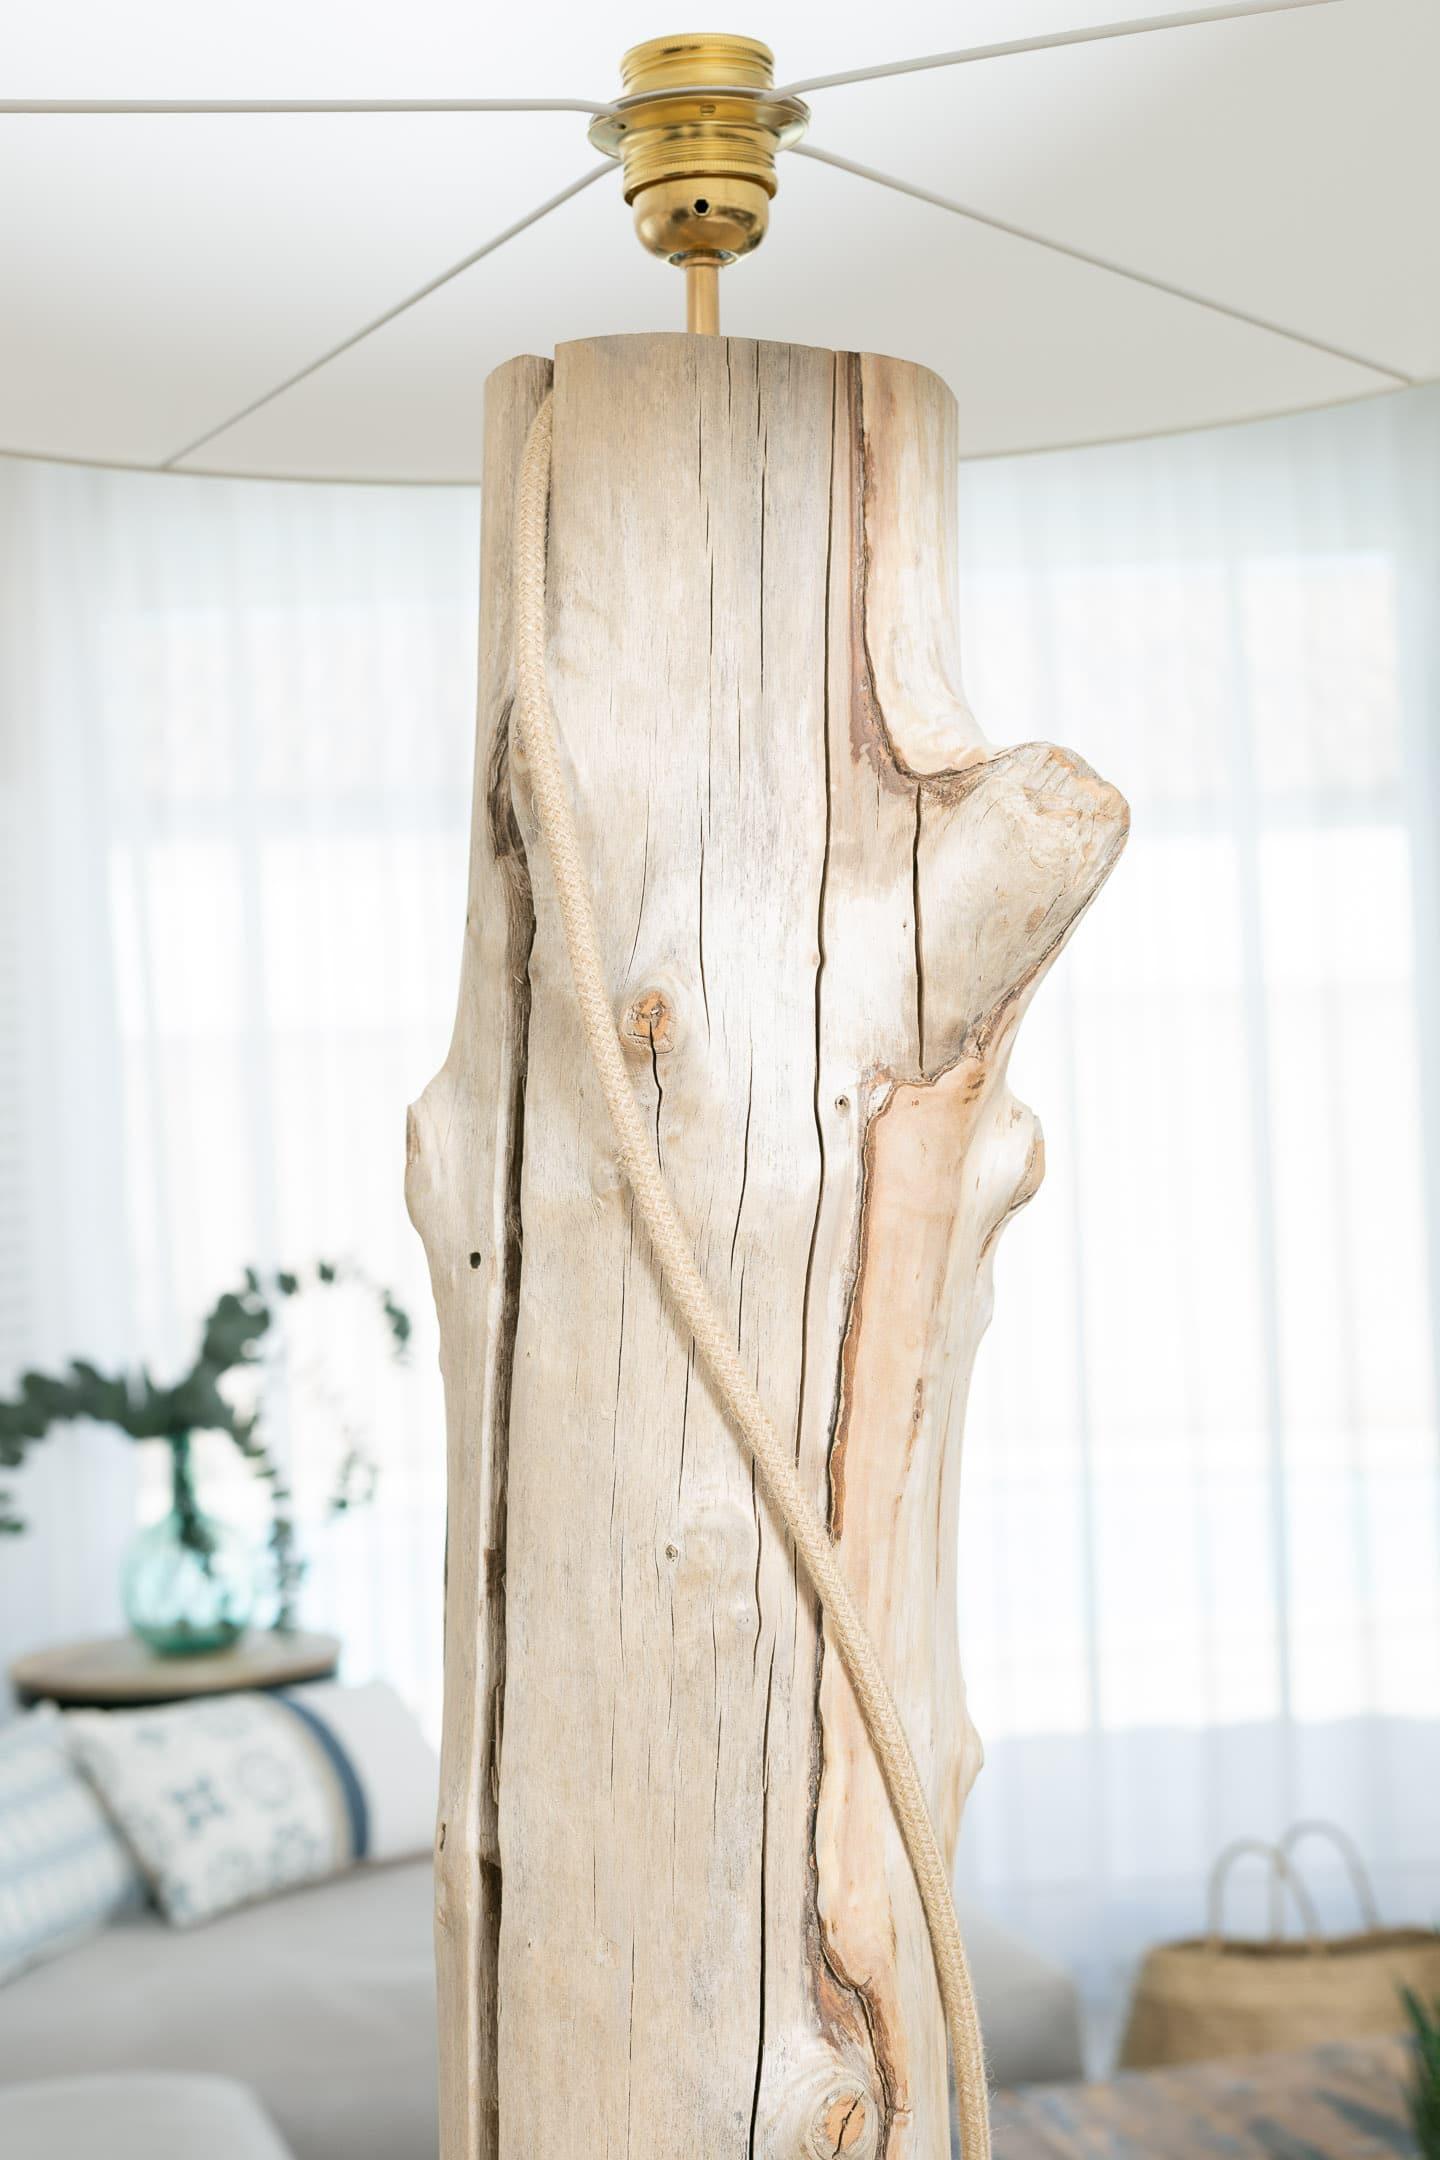 lampadaire en bois flott avec abat jour vendu devis sur. Black Bedroom Furniture Sets. Home Design Ideas